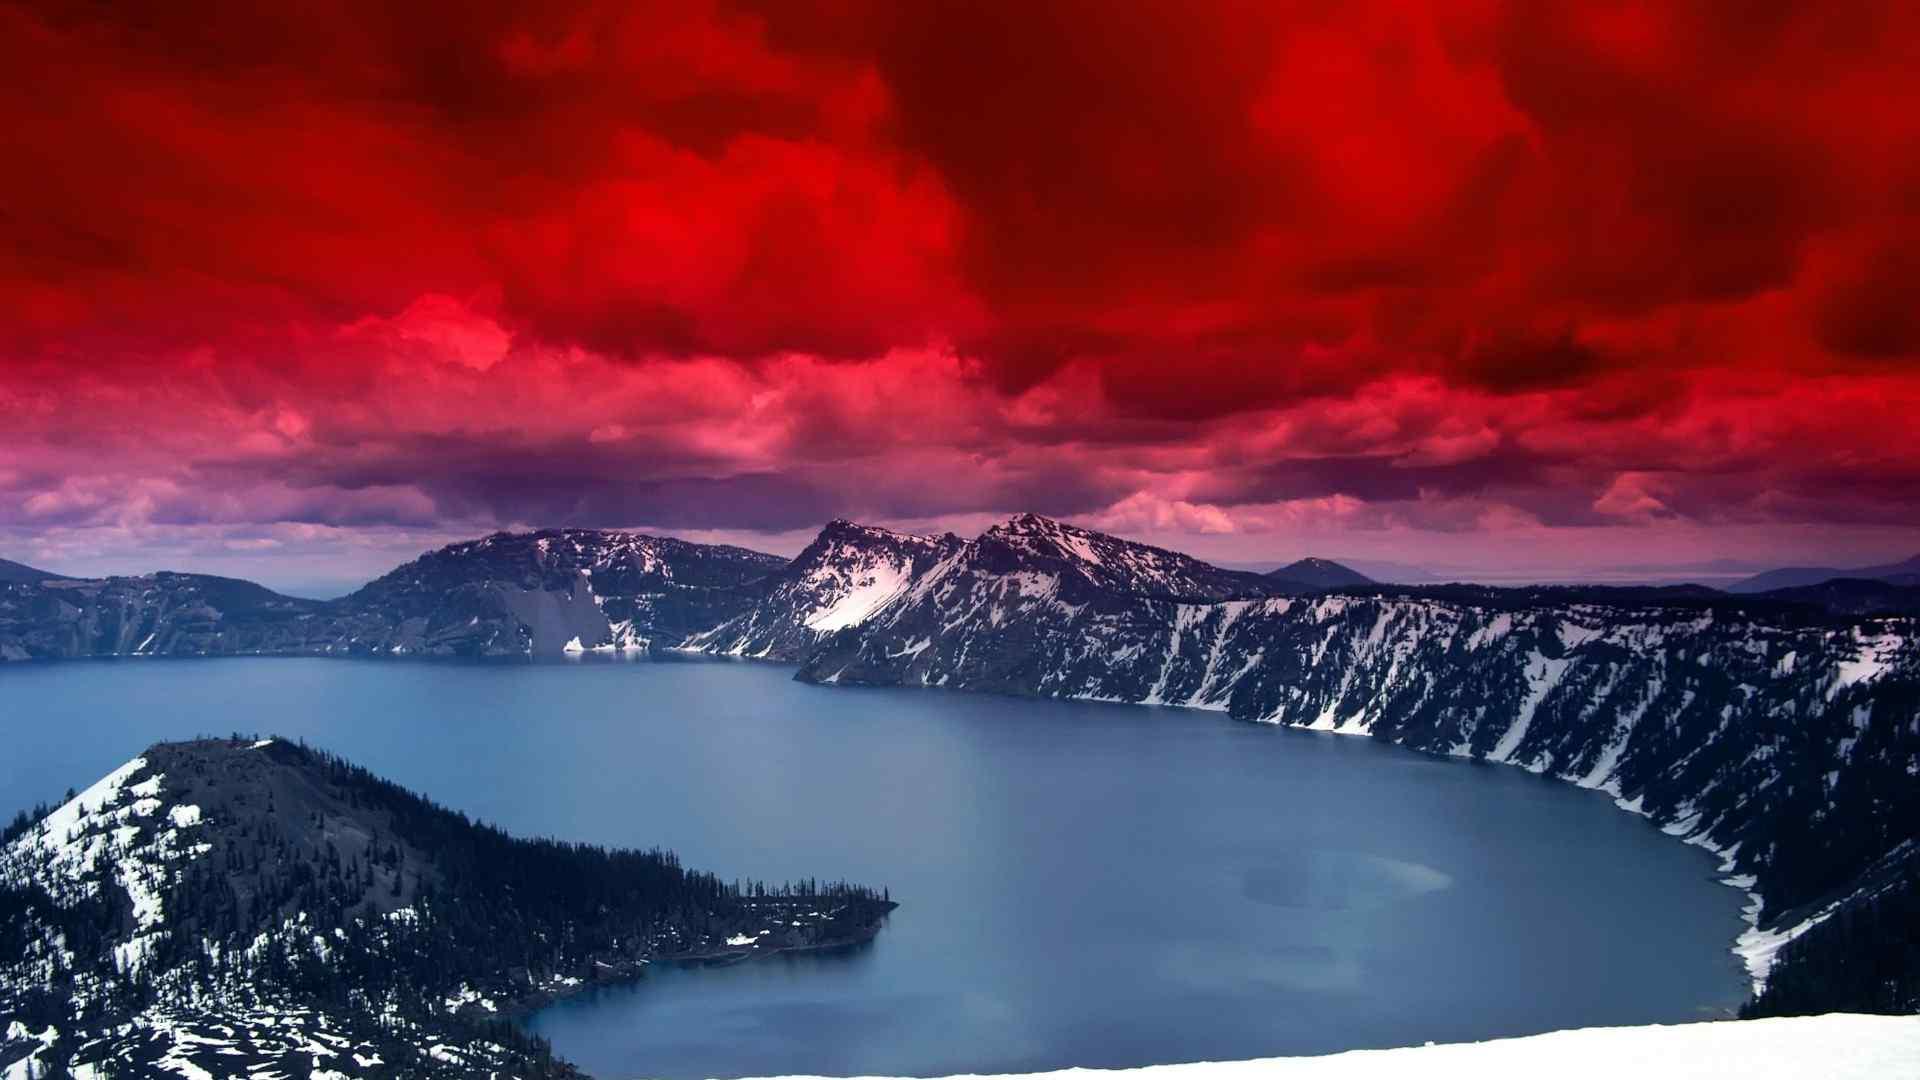 美丽的俄勒冈火山湖国家公园风景图片